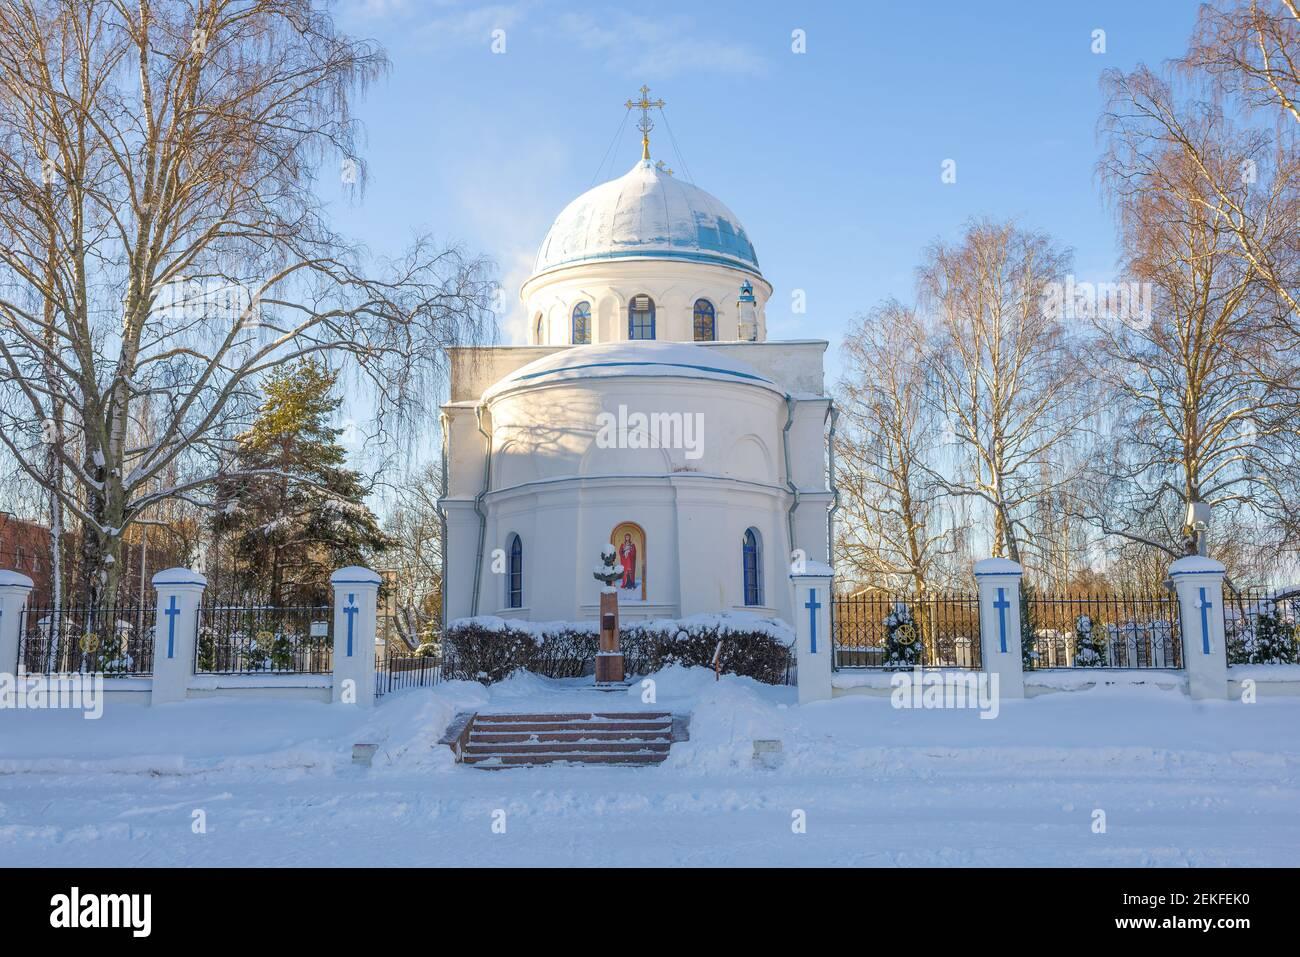 Cattedrale della Natività della Beata Vergine Maria in un giorno di sole febbraio. Priozersk, Russia Foto Stock